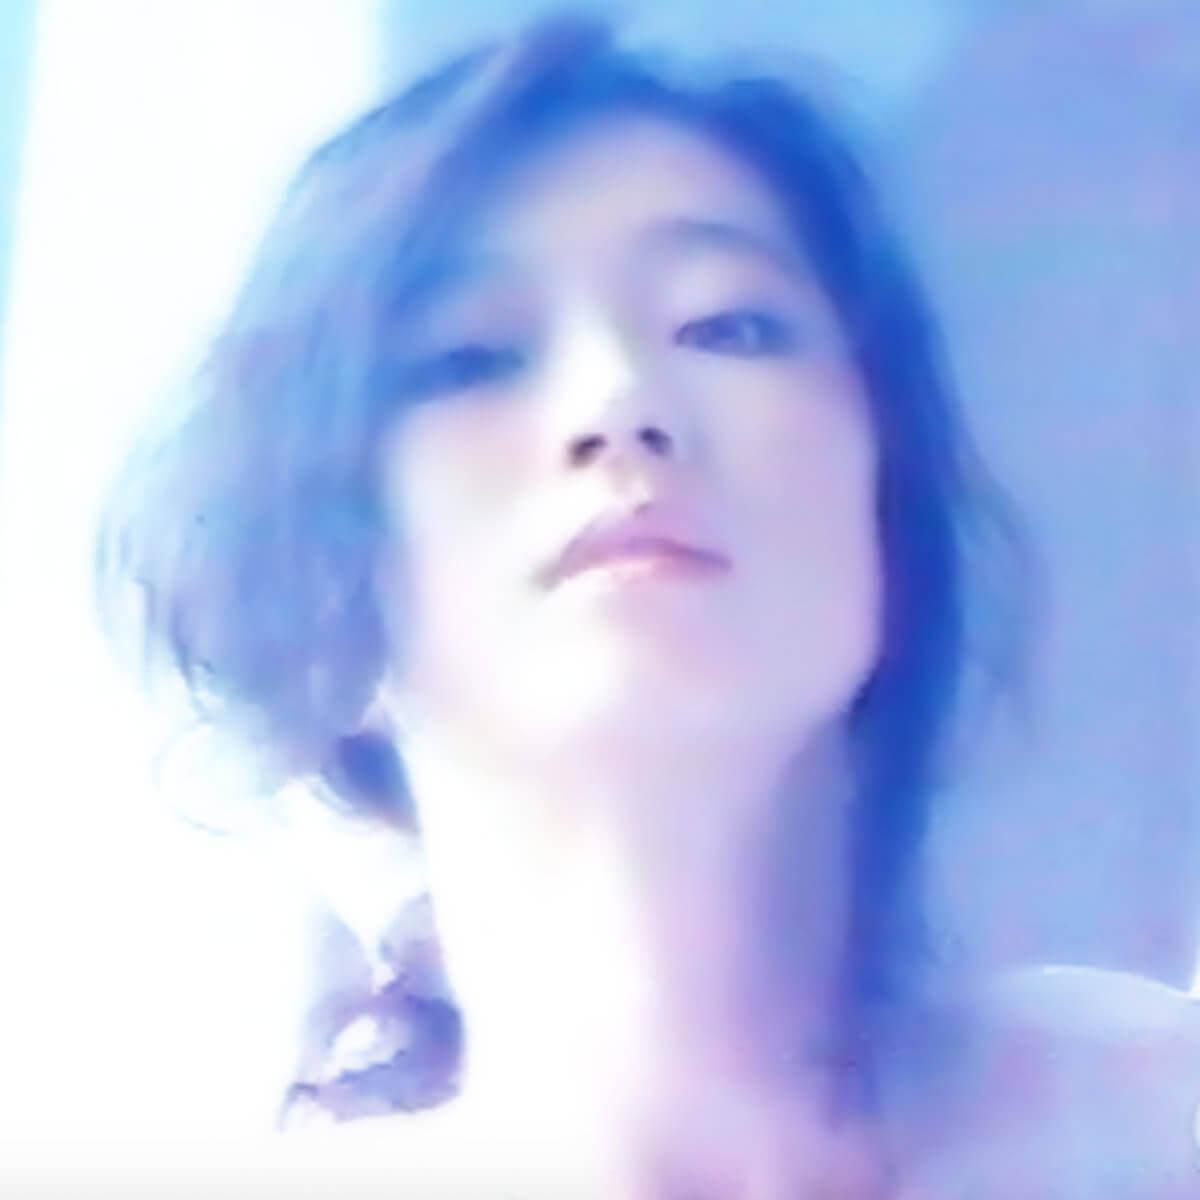 あなたのために by 夢のチャンネル (digital)